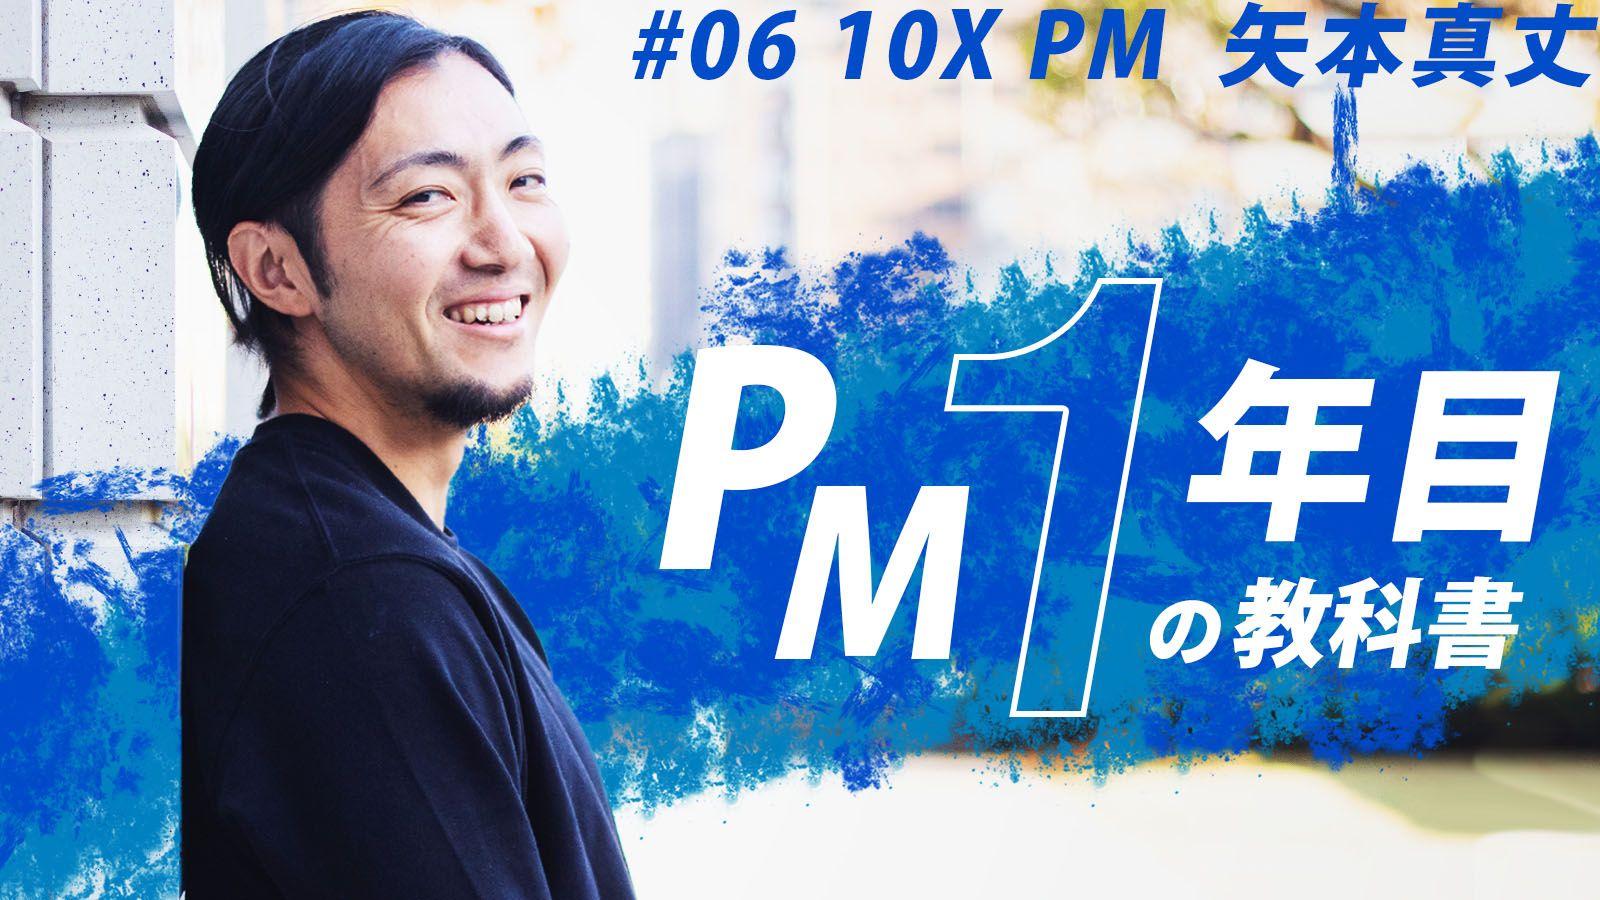 PMは、未来を生きる人であれ。まだ解決策のない「負」に気づく訓練法|10X 矢本真丈